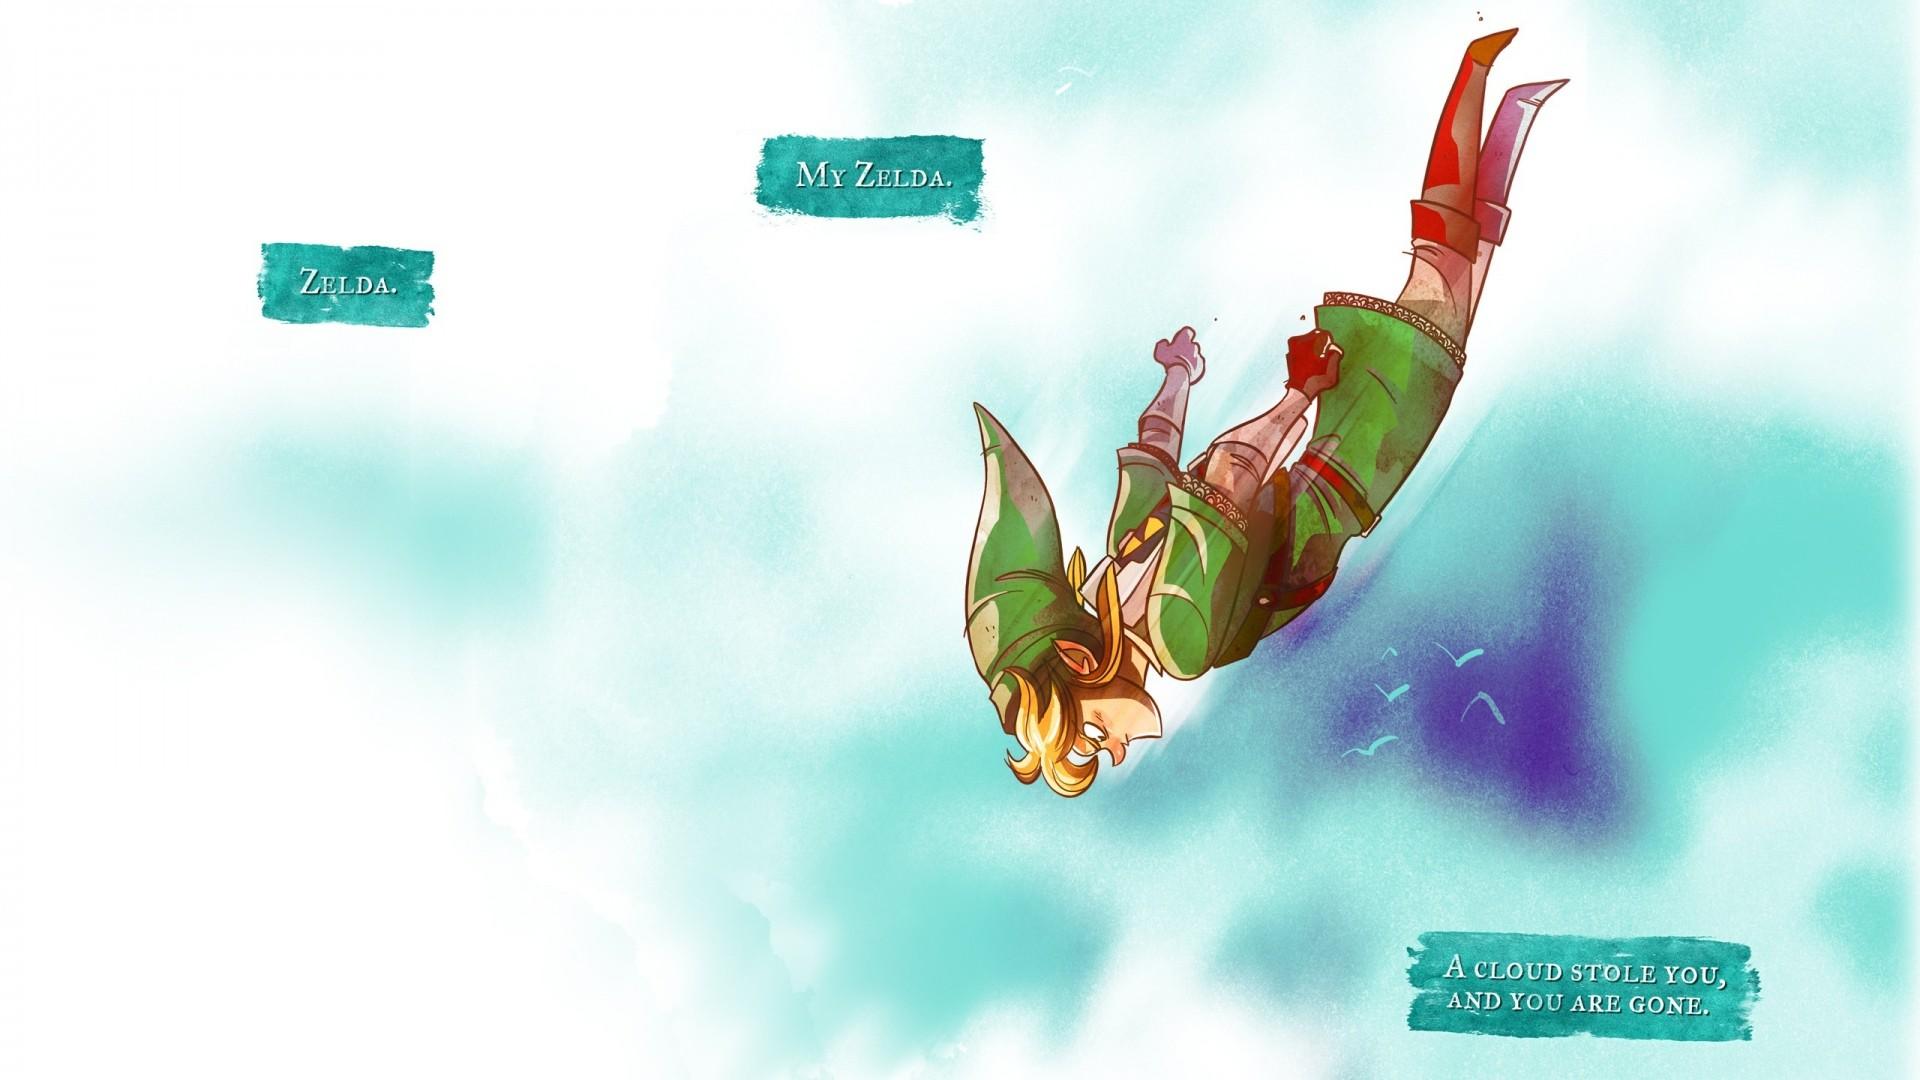 Wallpaper the legend of zelda, jump, elf, fly, link